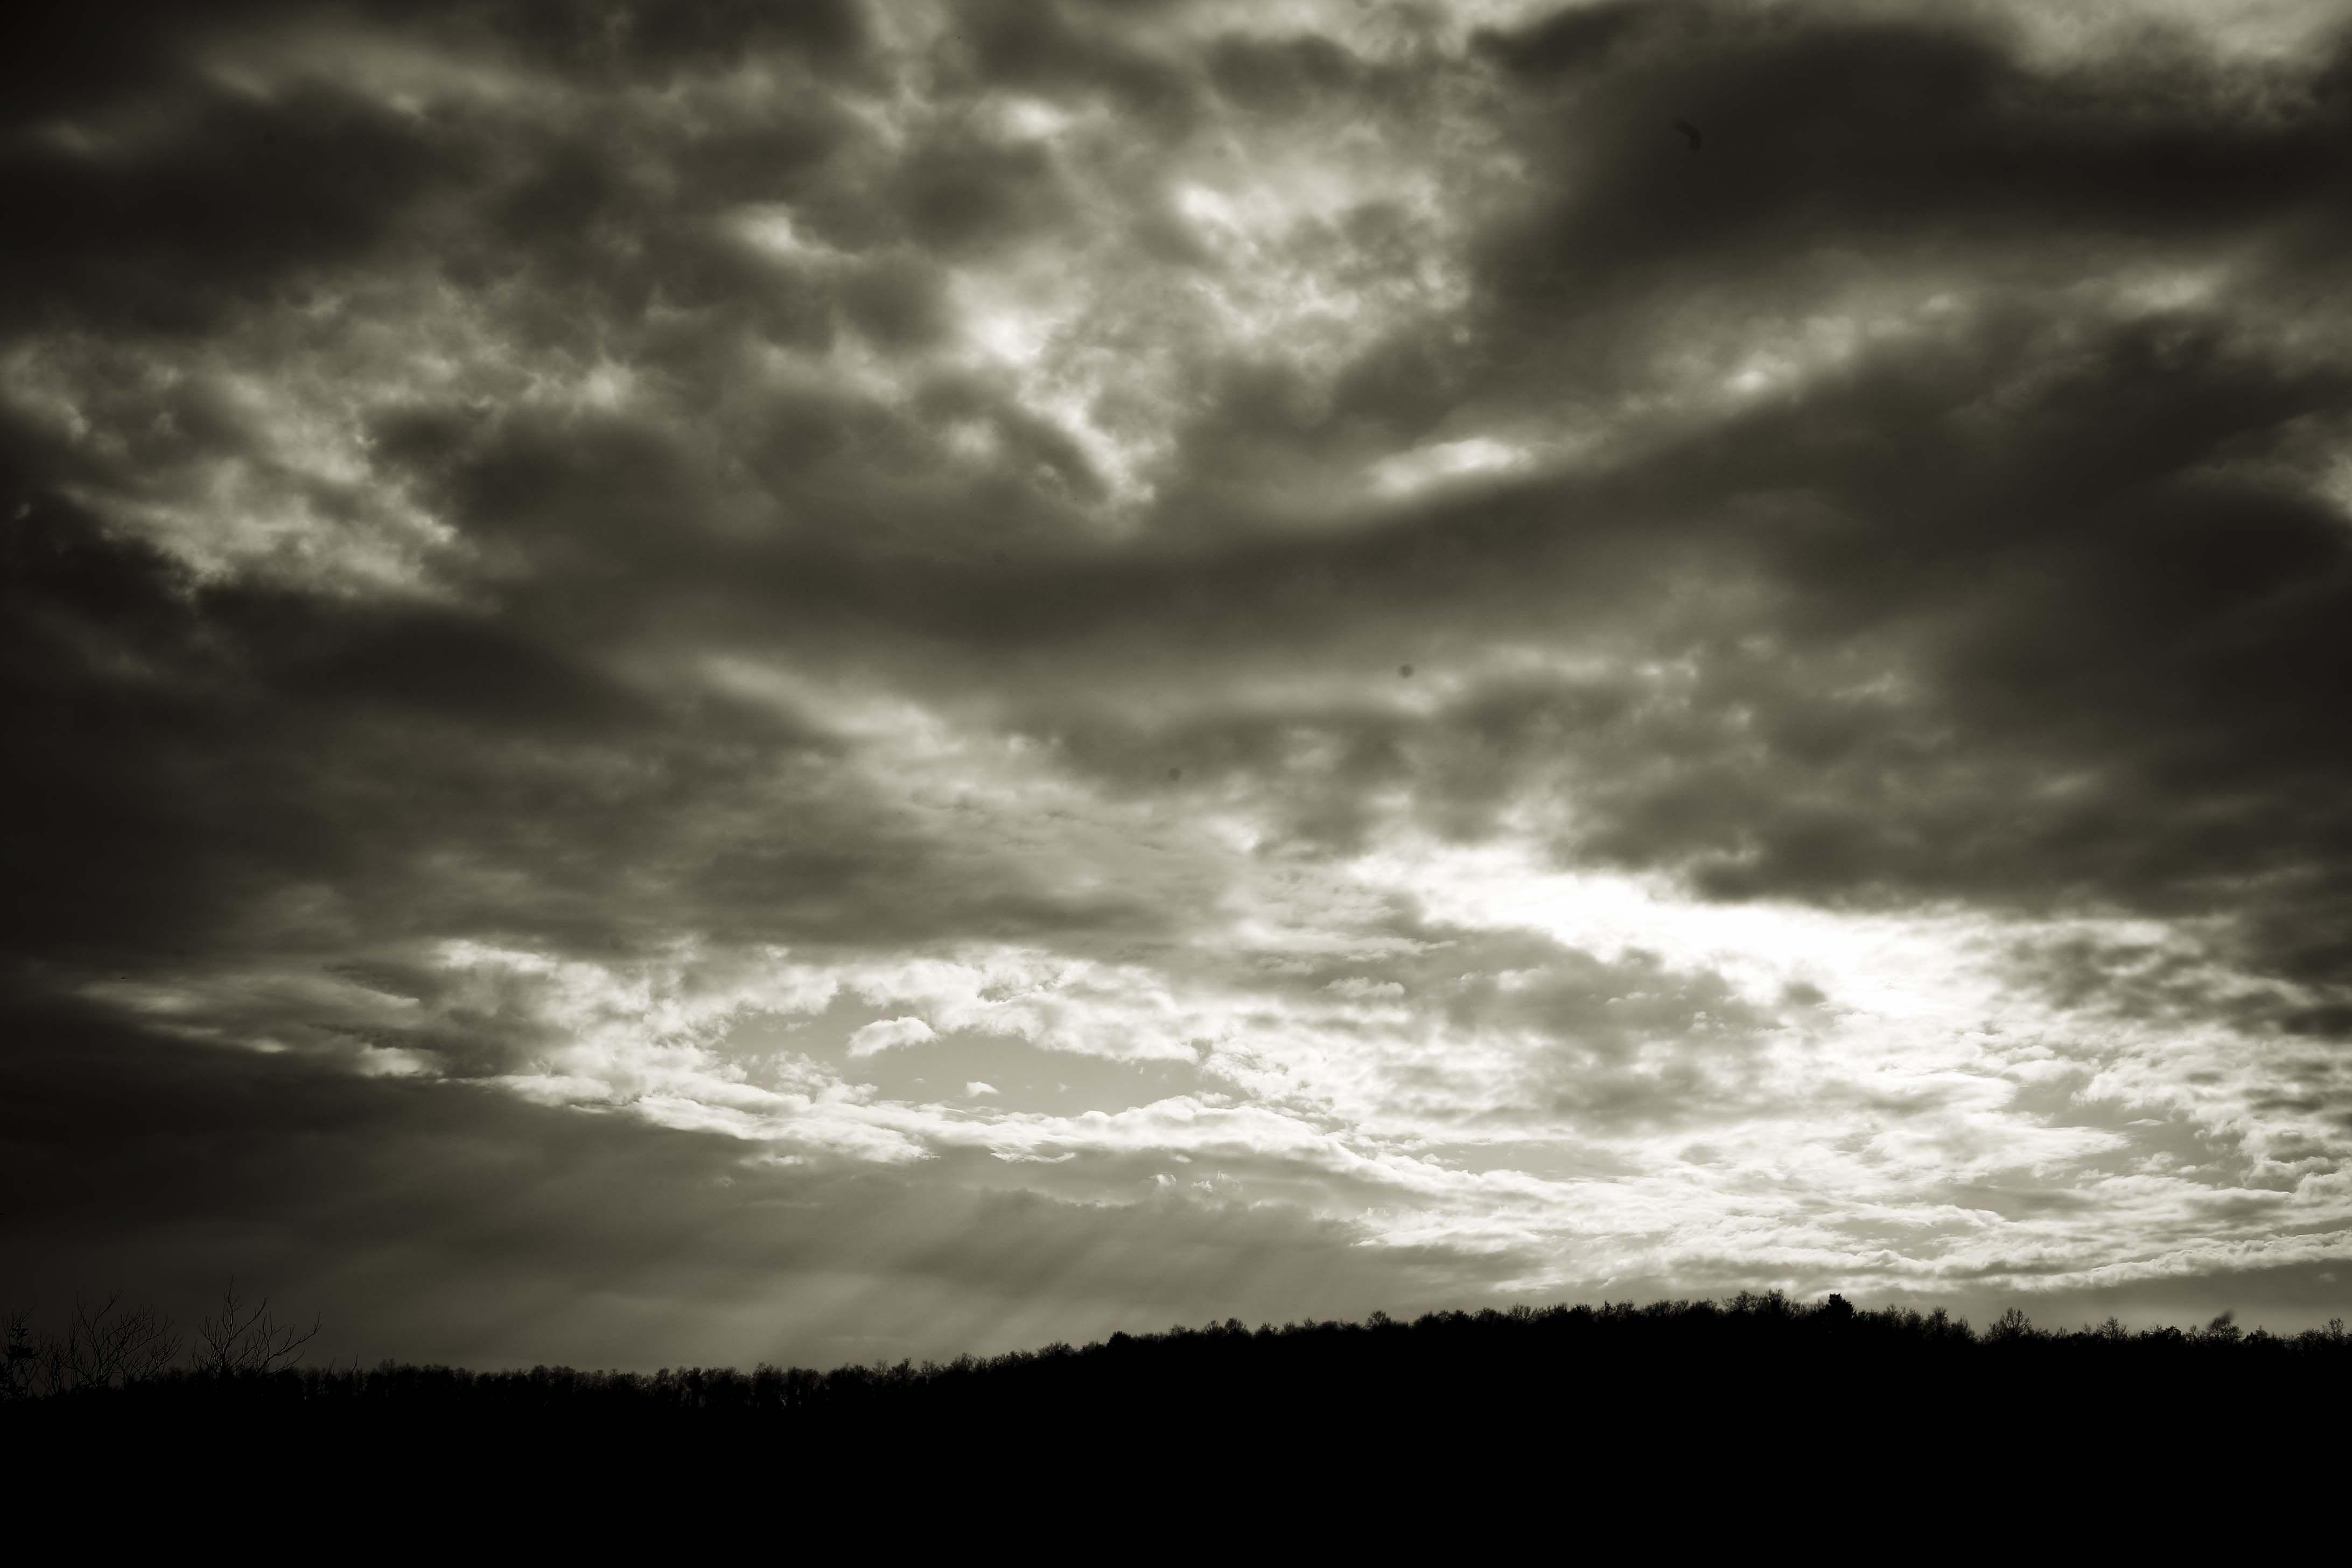 Riscaldamento globale: l'oscuramento del Sole è l'ultima speranza per la Terra?